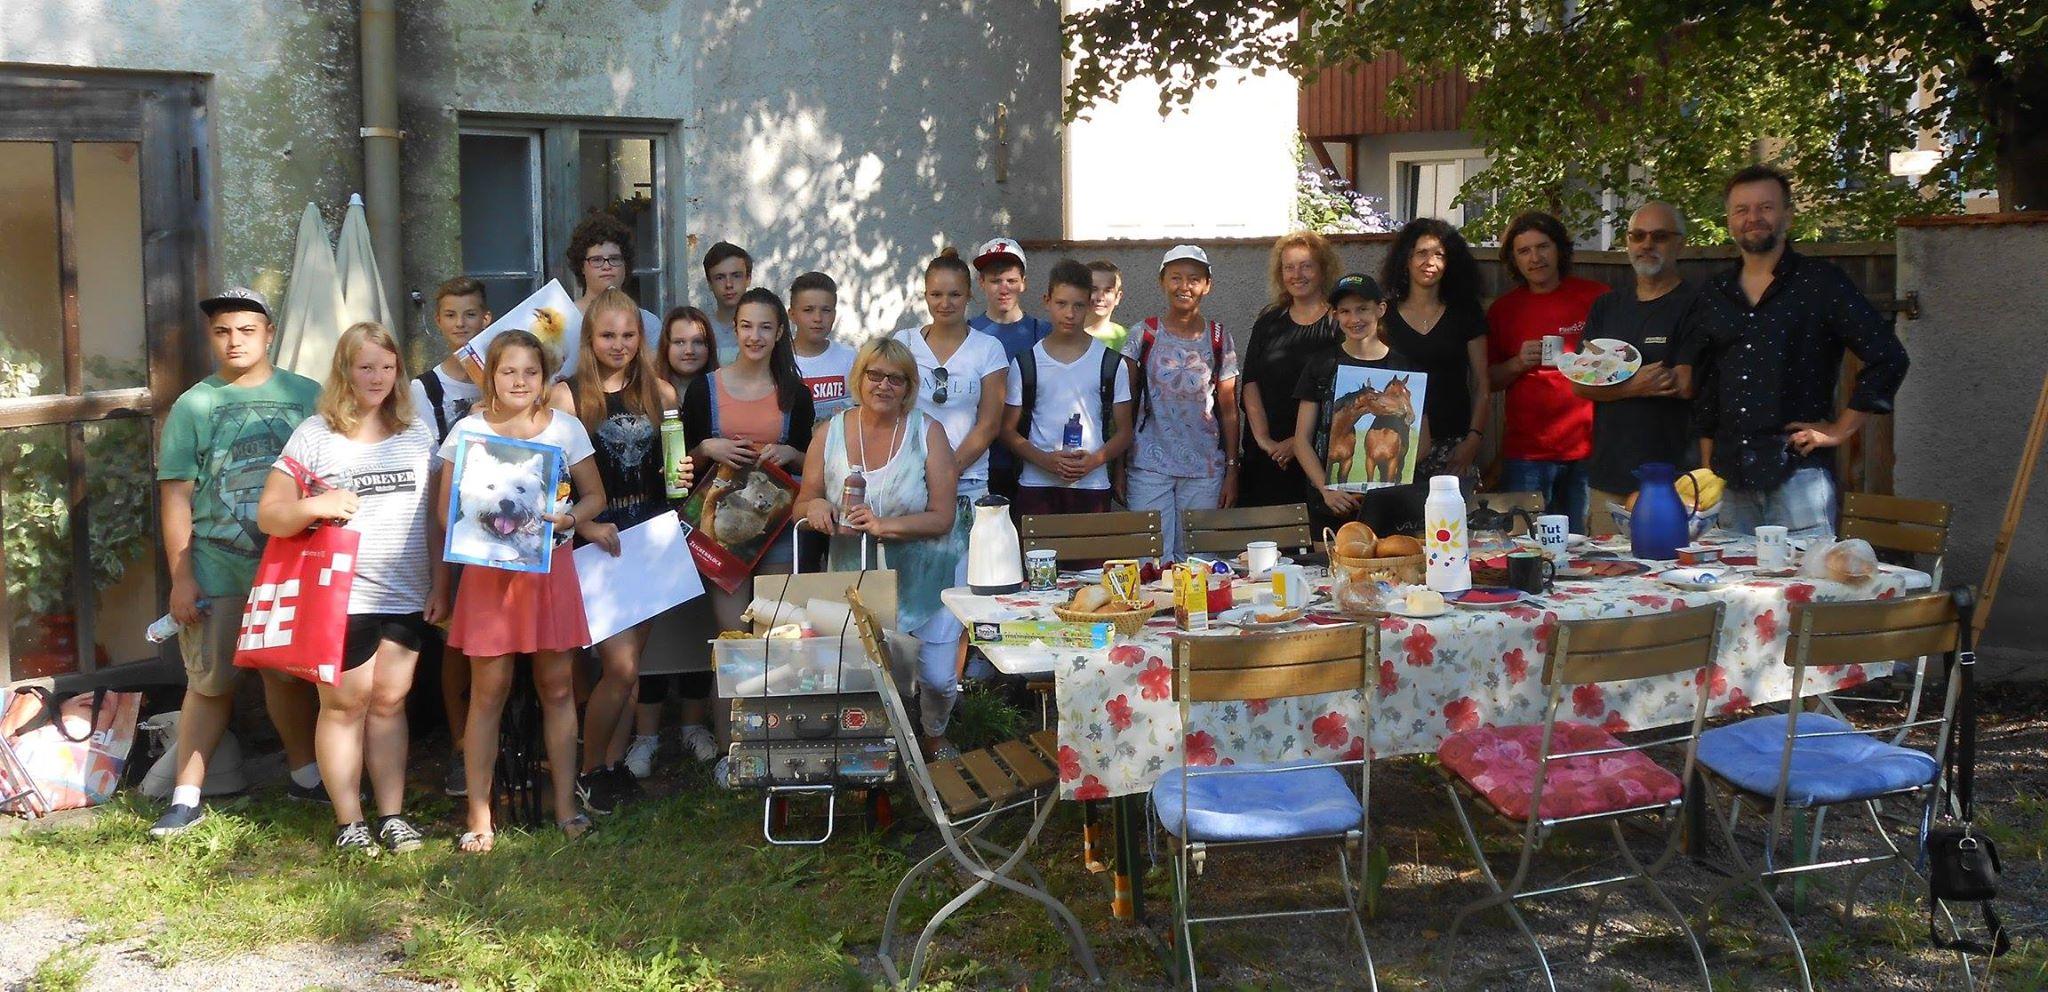 Empfang der ersten Pleinair-Malgruppe der Mittelschule Neunburg und deren tschechischen Kunstmentoren durch den KVU im Weinhof des Kunstquartiers.